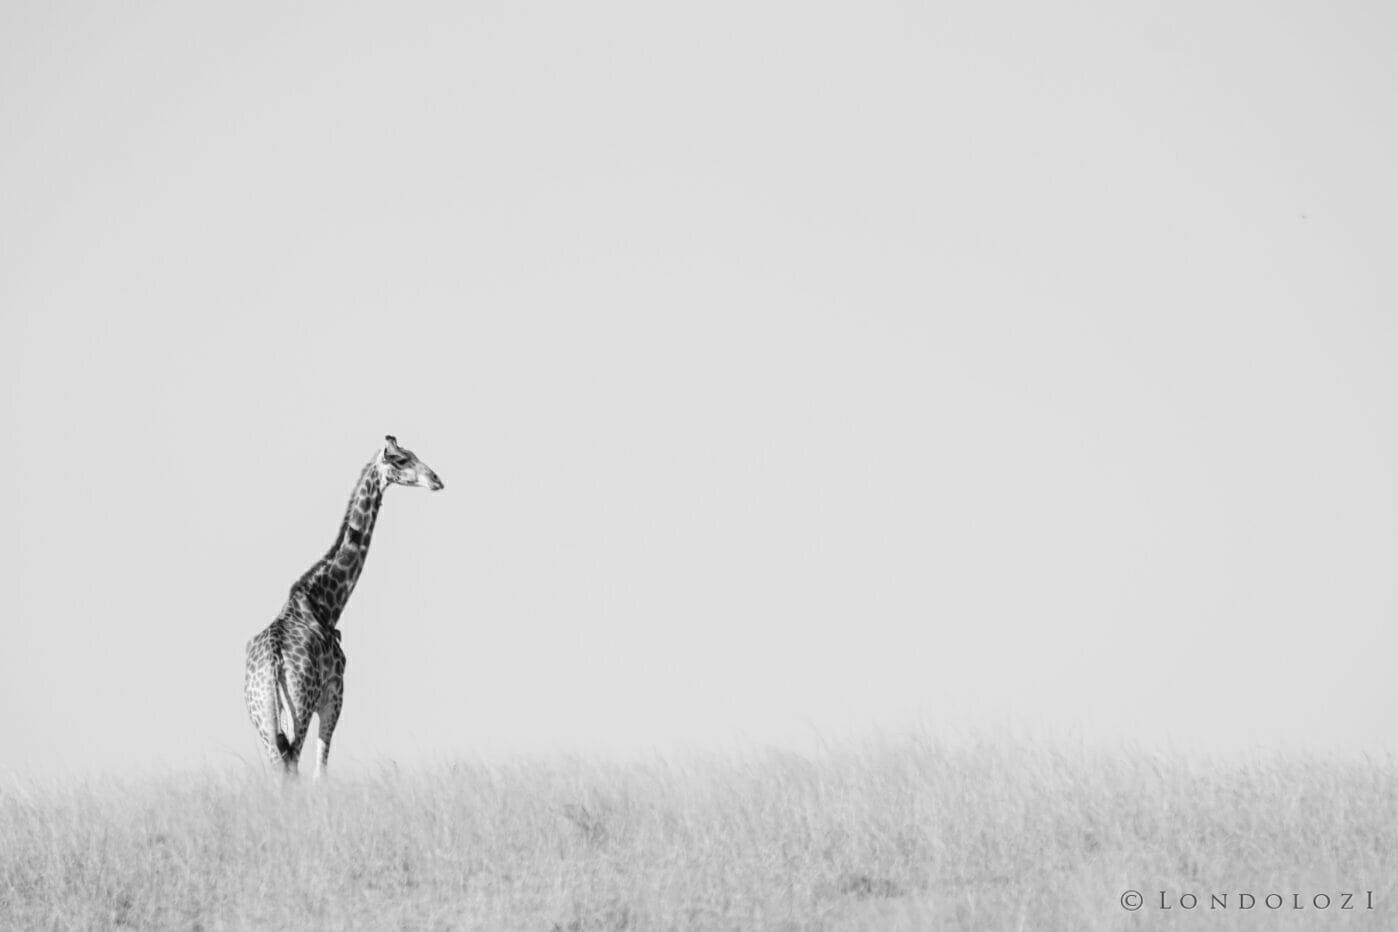 NS Black and White Giraffe Landscape, June 2021